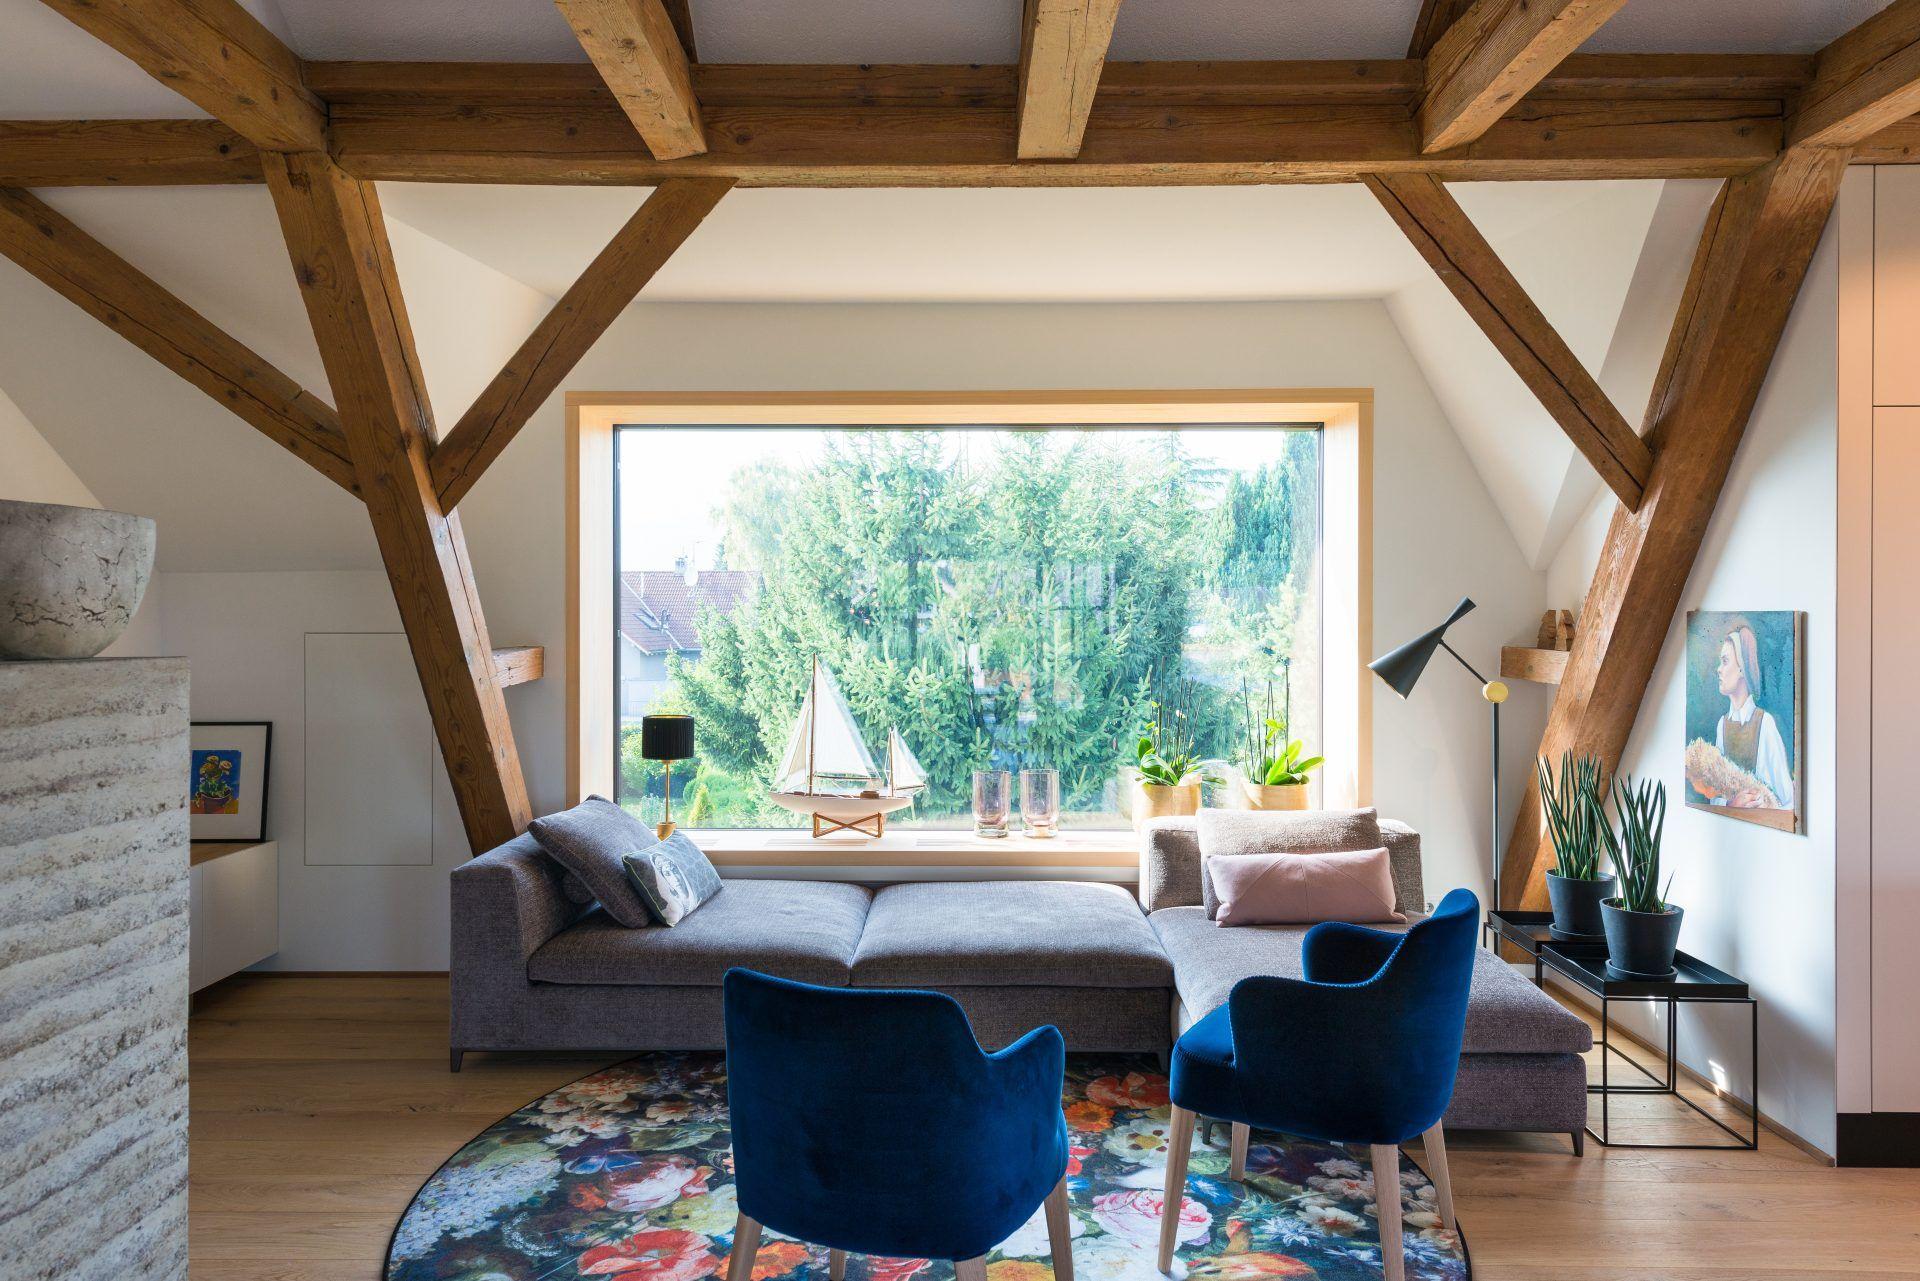 Home-office-innenarchitektur wohnen einrichten  loftwohnung a  innenarchitektur  pinterest